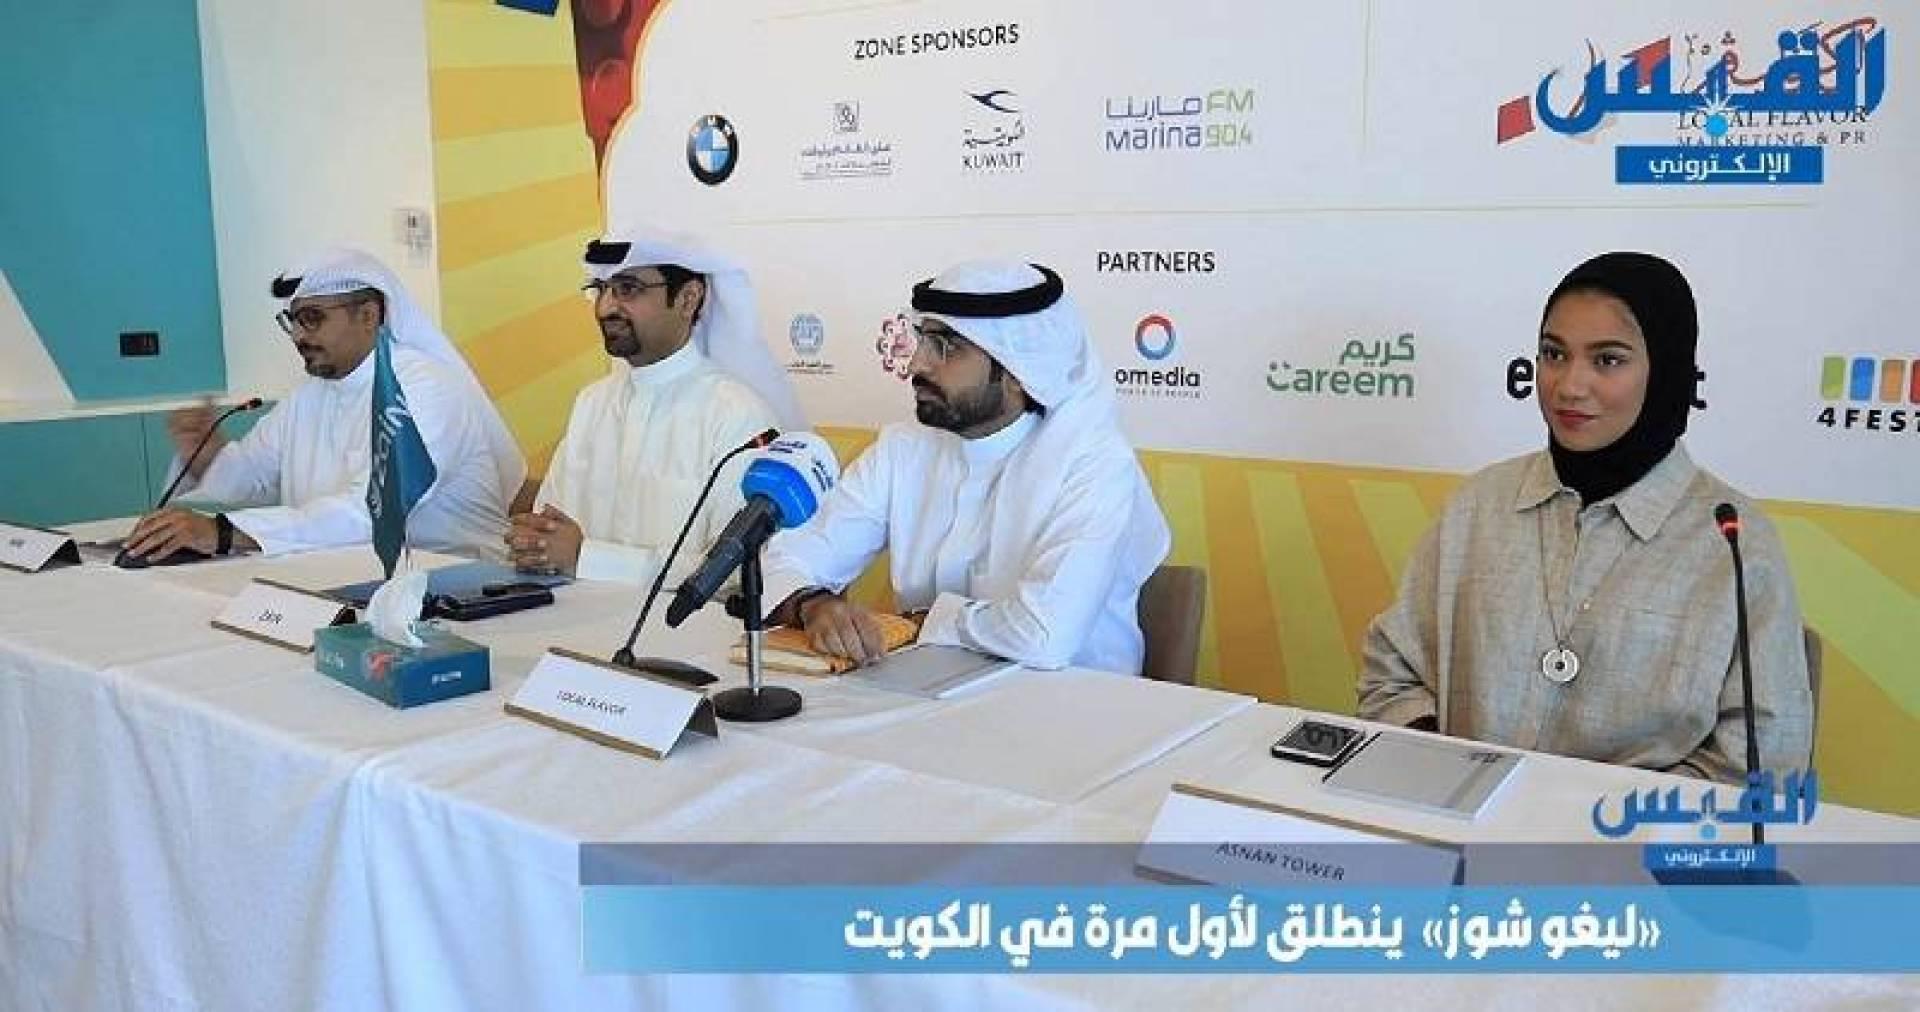 «ليغو شوز» ينطلق للمرة الأولى في الكويت